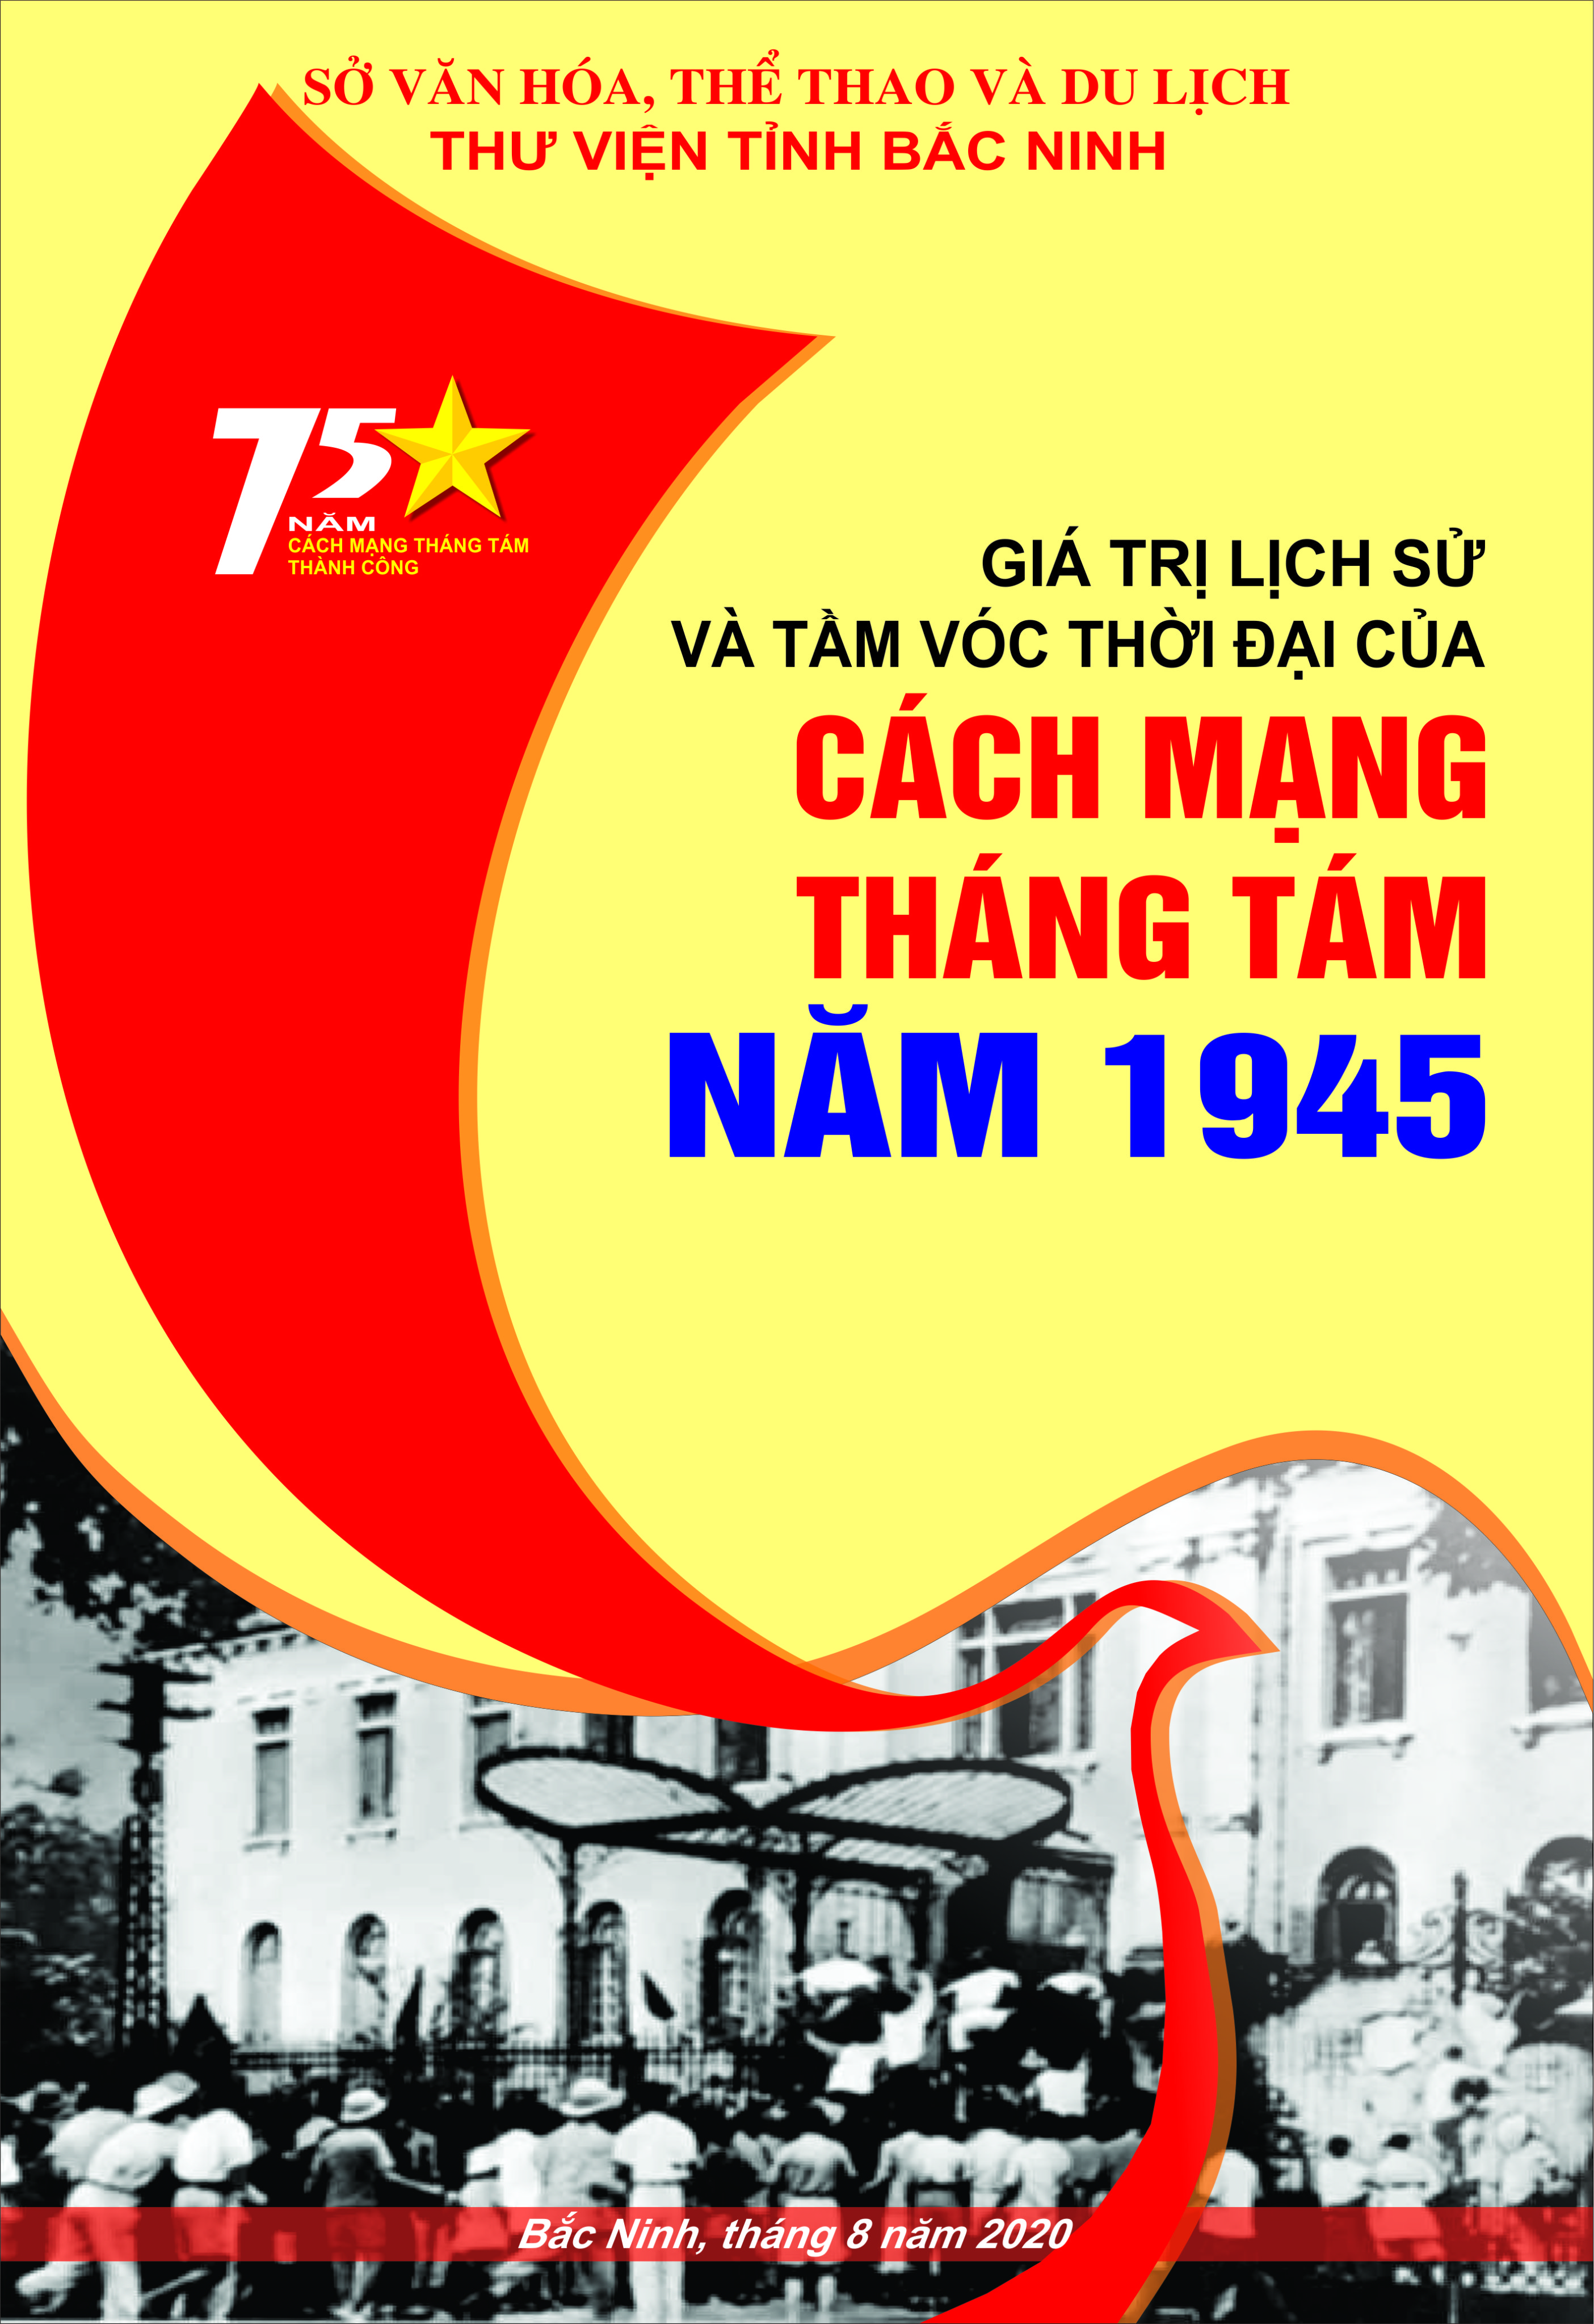 GiaTriLichSuThoiDaiCMT8.1945.TVBN2020.jpg